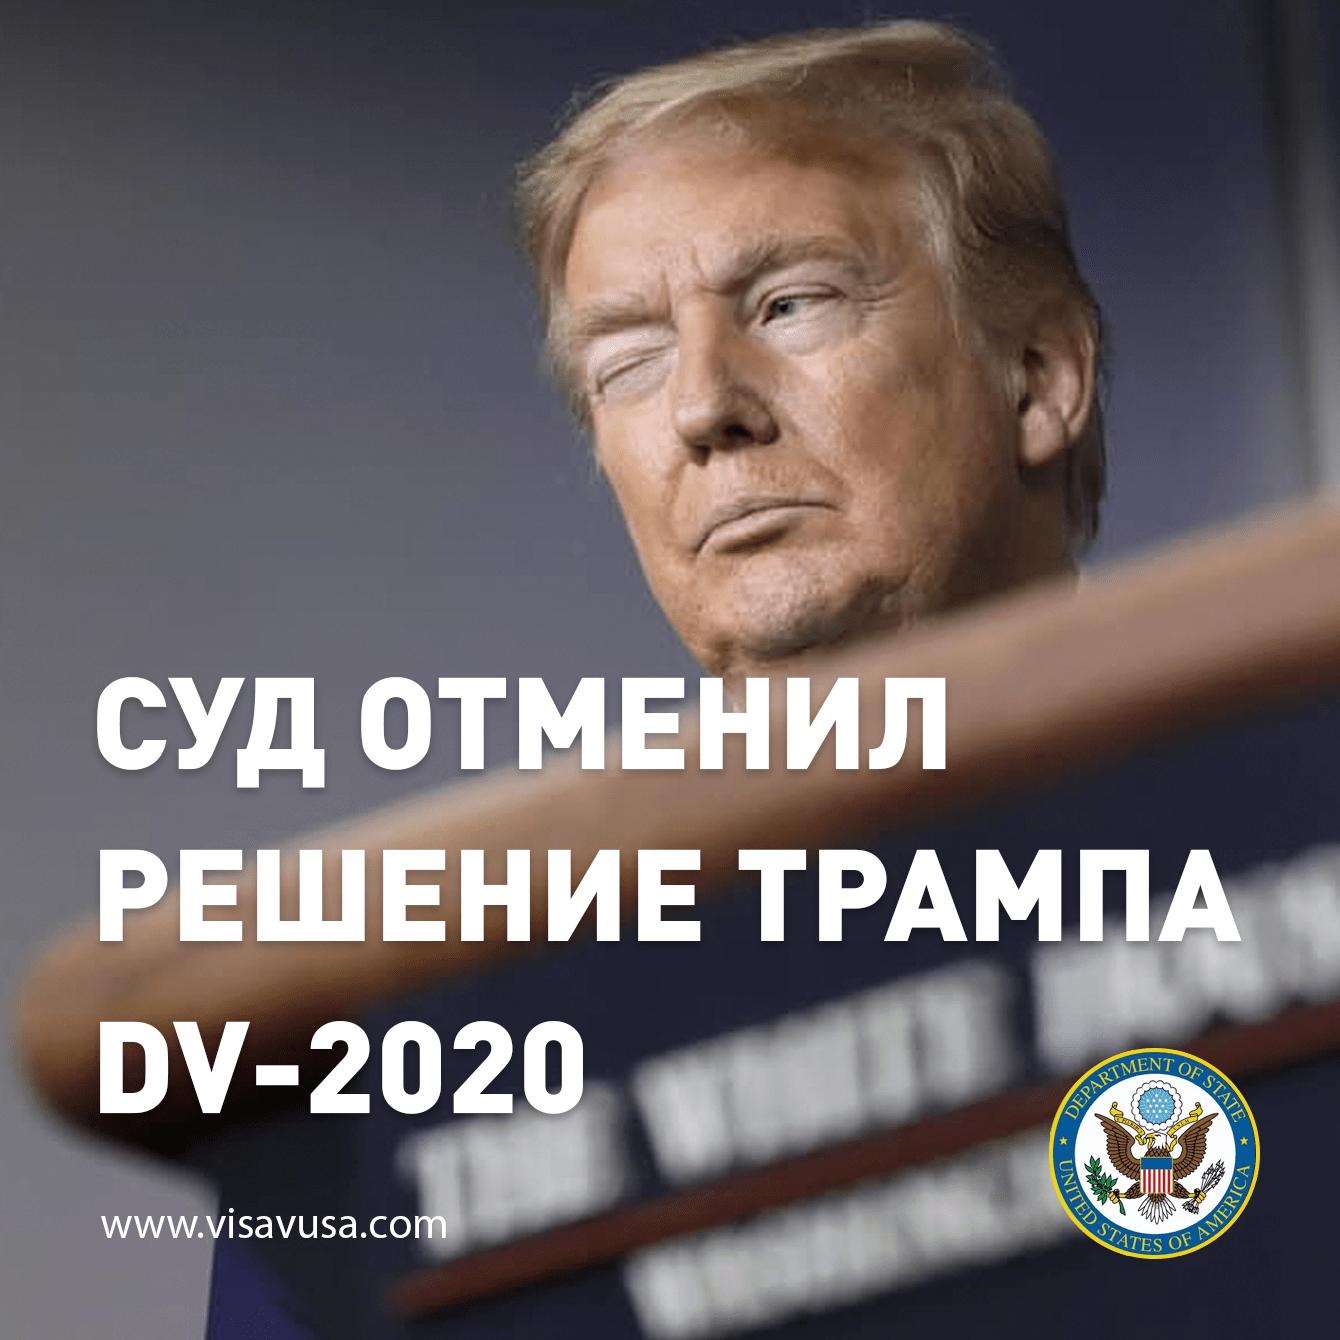 Cуд США отменил запрет Трампа DV-2020